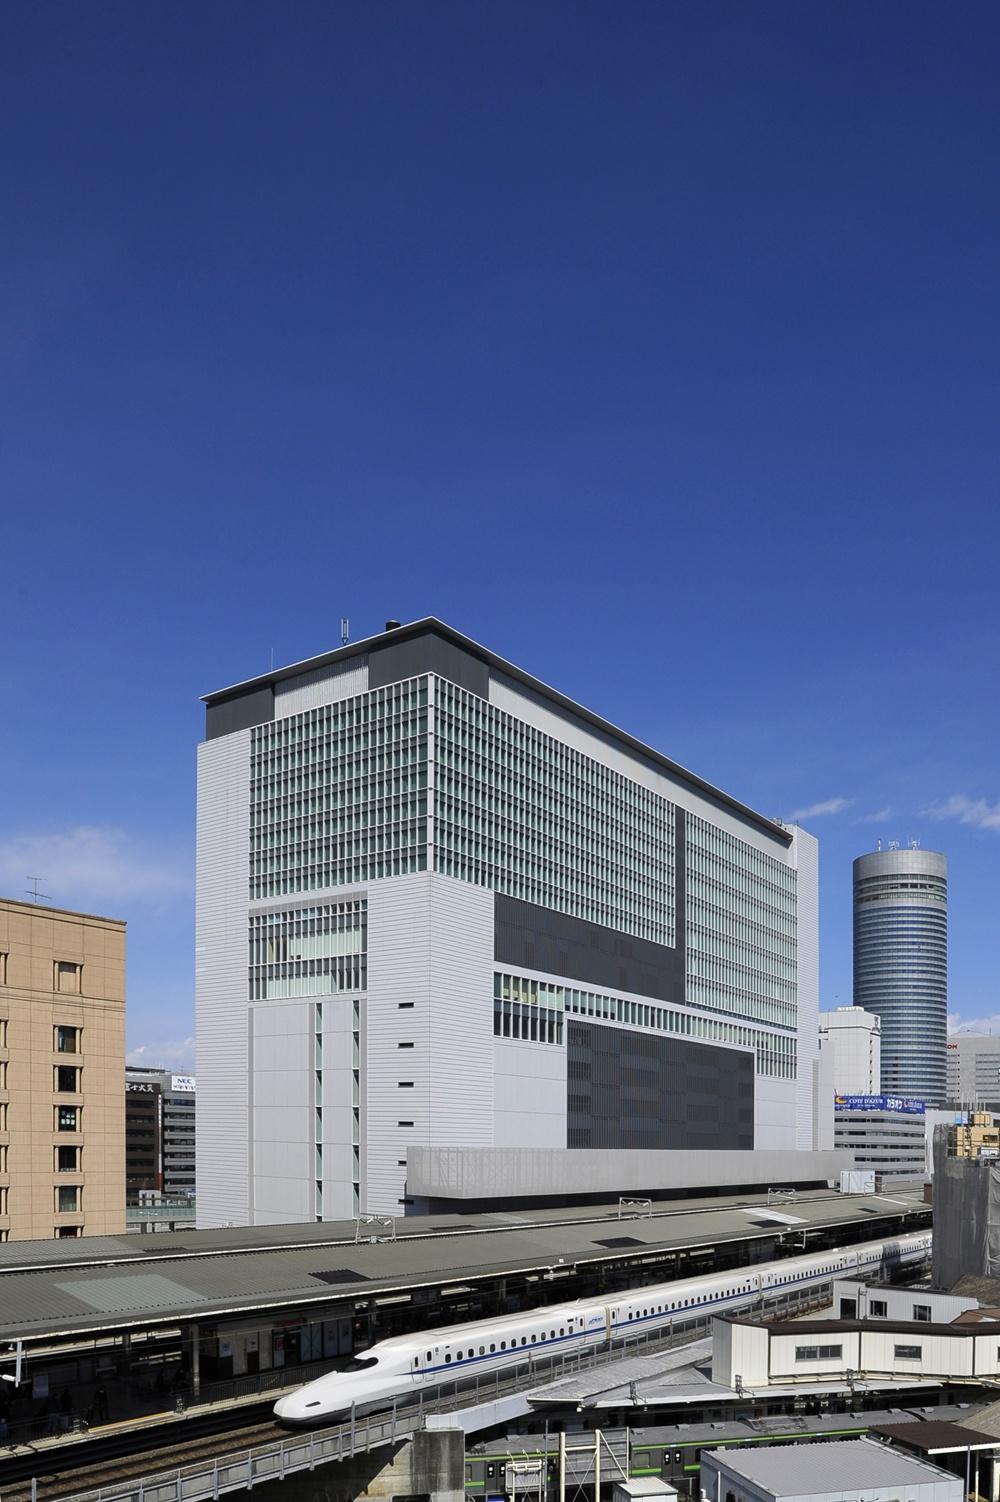 ホテルアソシア新横浜の駐車場!宿泊料金はいくら?